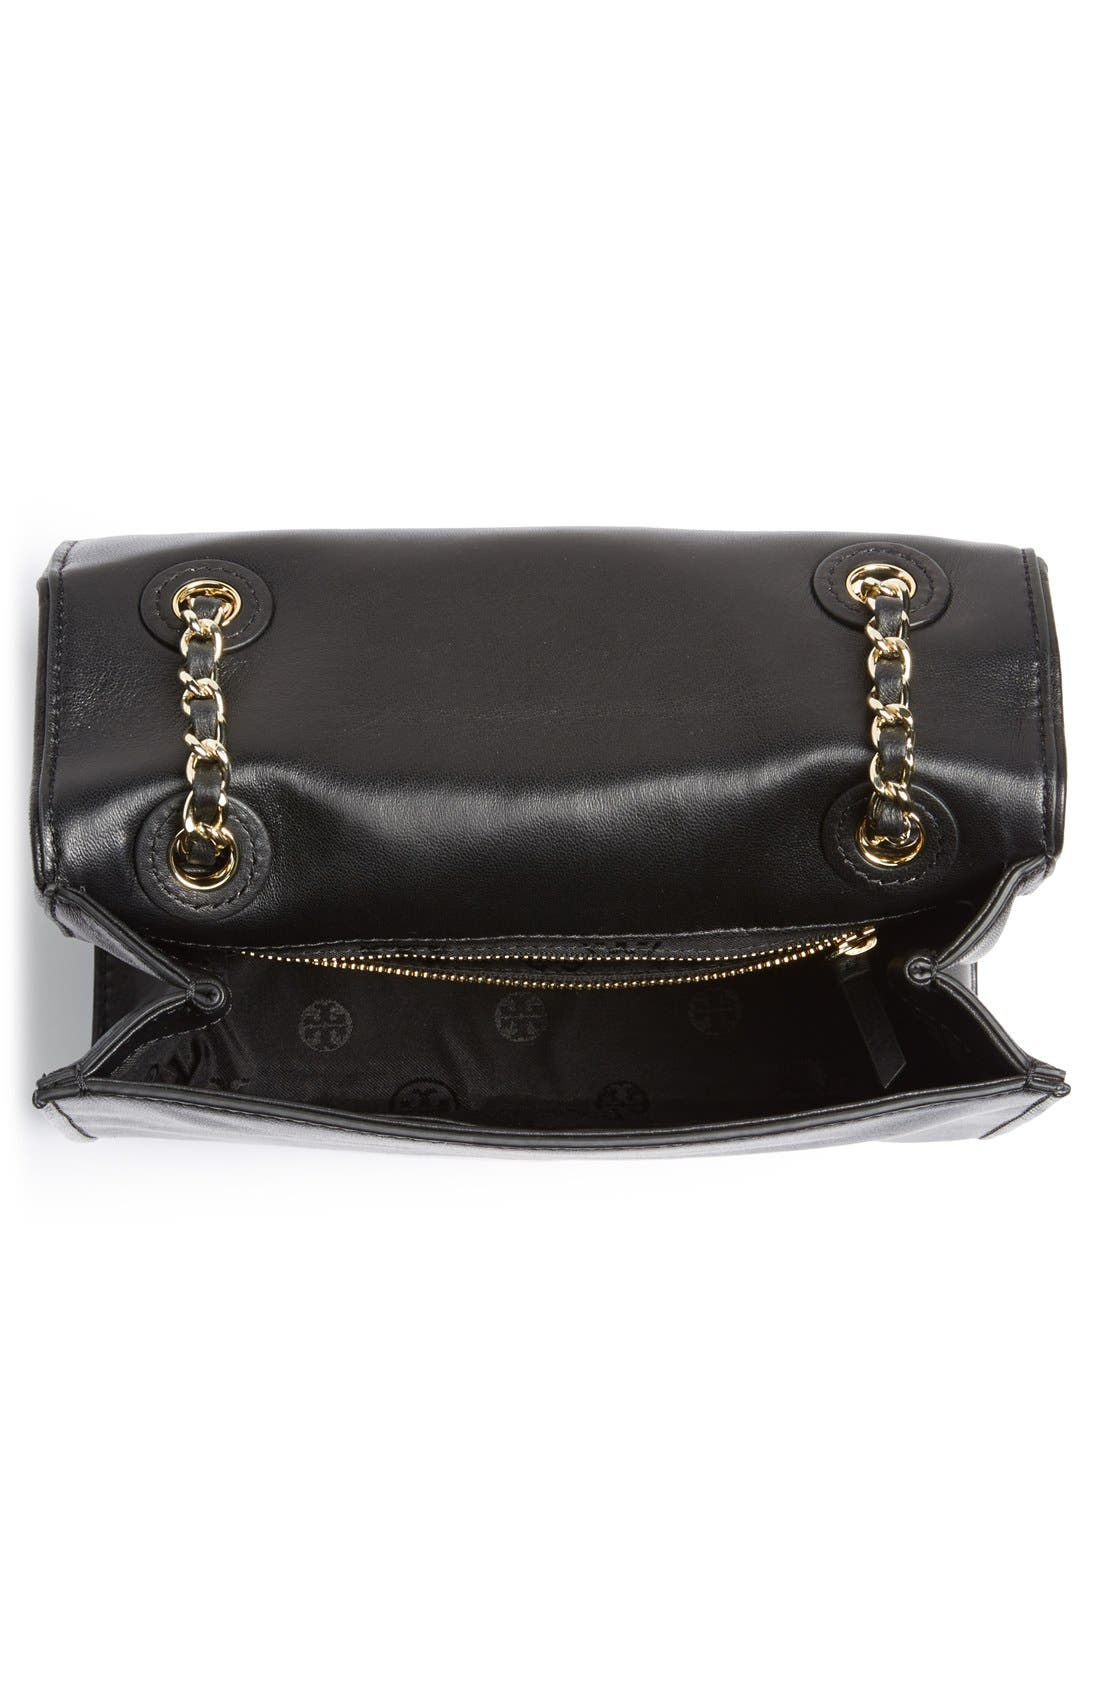 'Medium Fleming' Leather Shoulder Bag,                             Alternate thumbnail 5, color,                             001